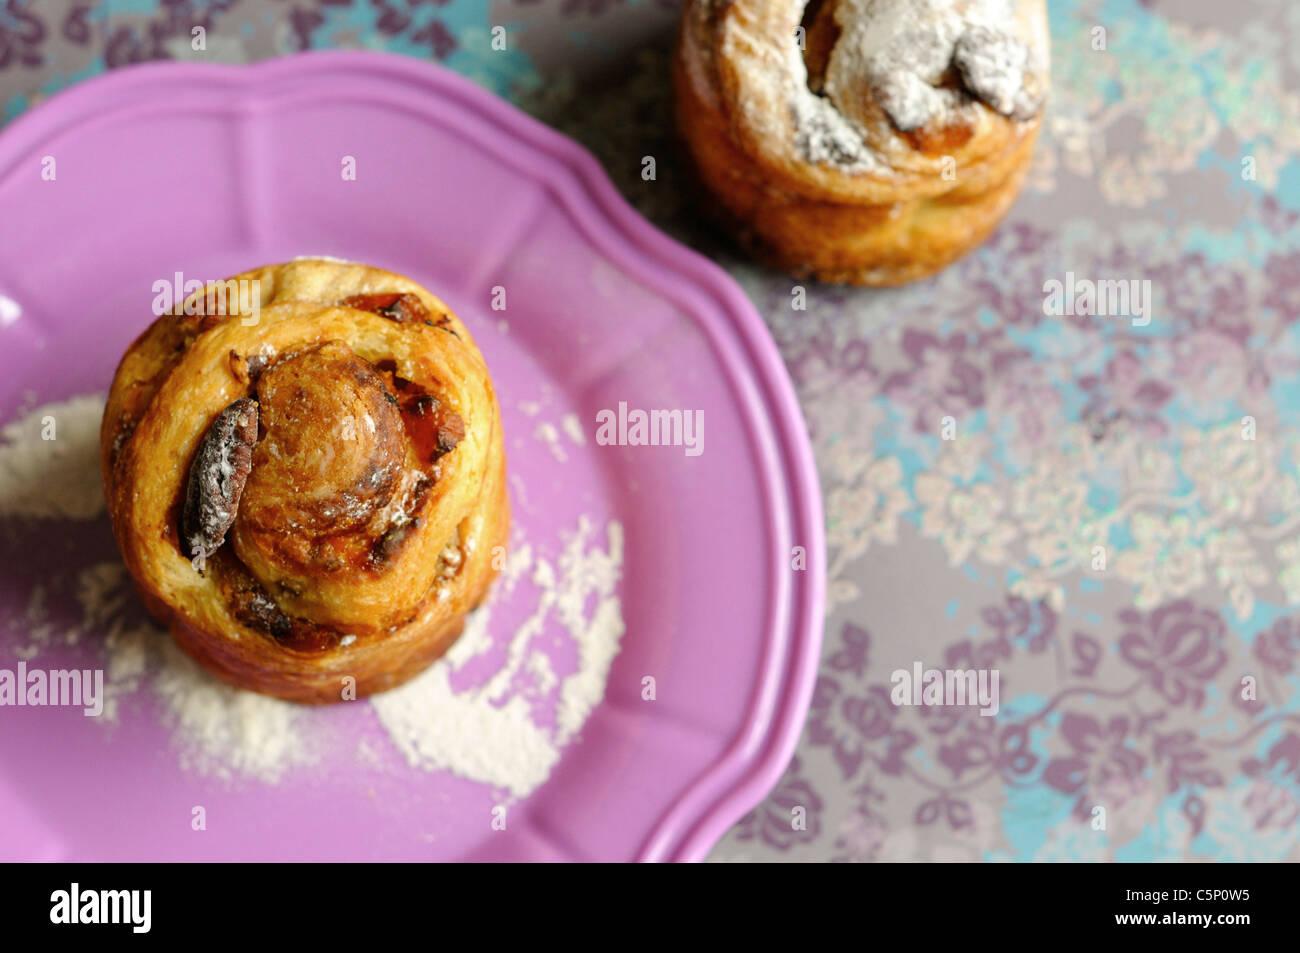 Petits pains aux noix et abricots sur une plaque pinky Photo Stock